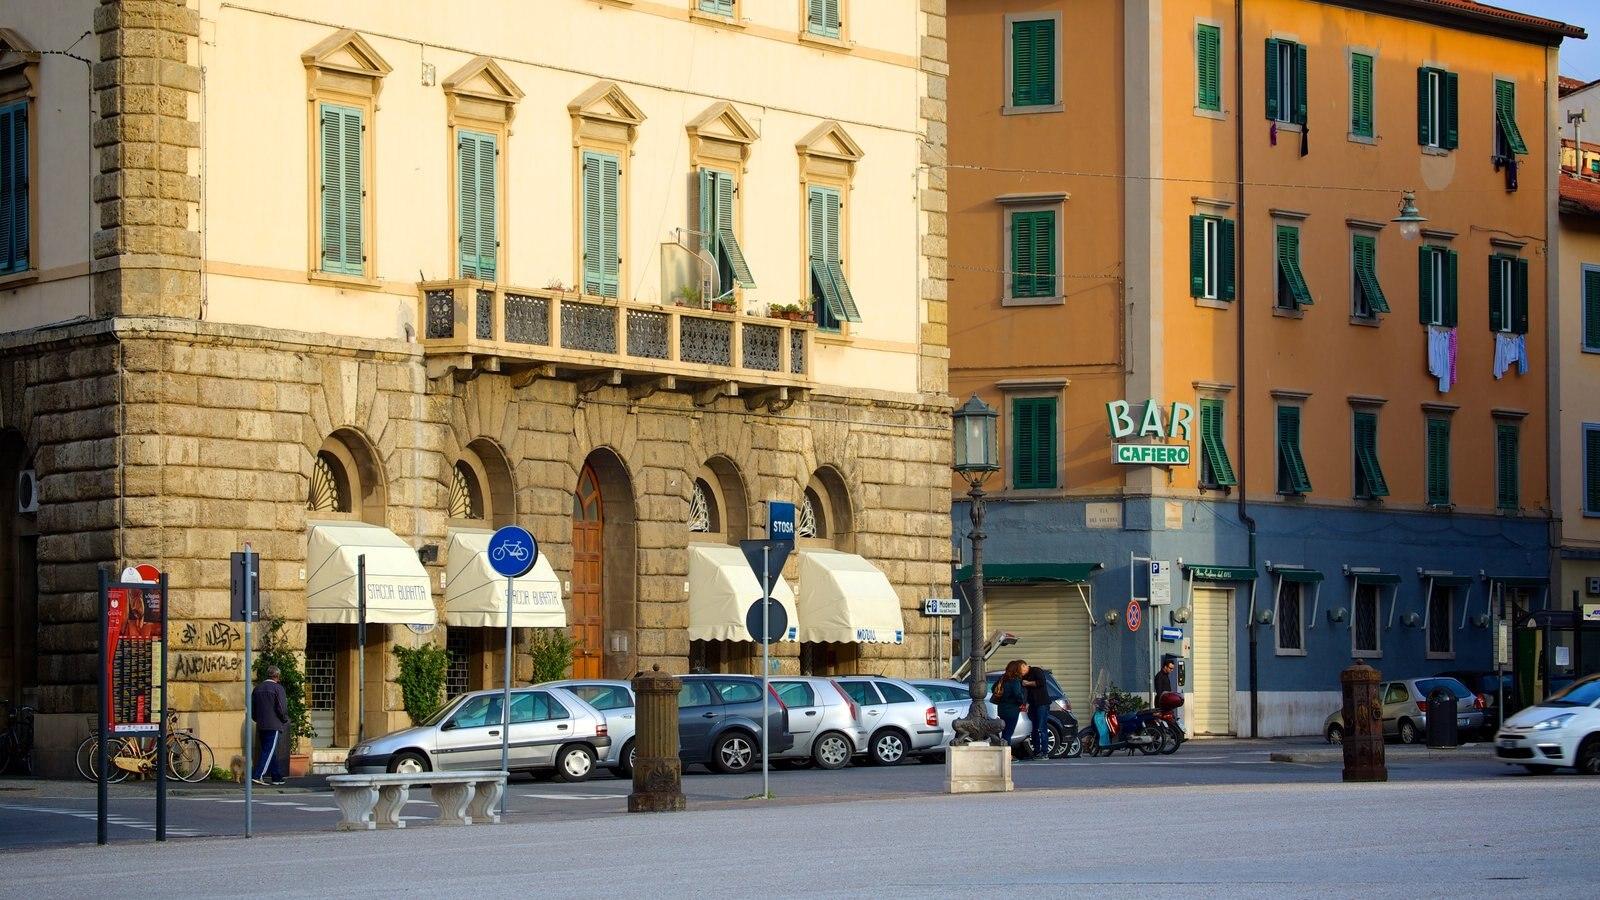 Piazza della Repubblica featuring heritage architecture, a city and street scenes